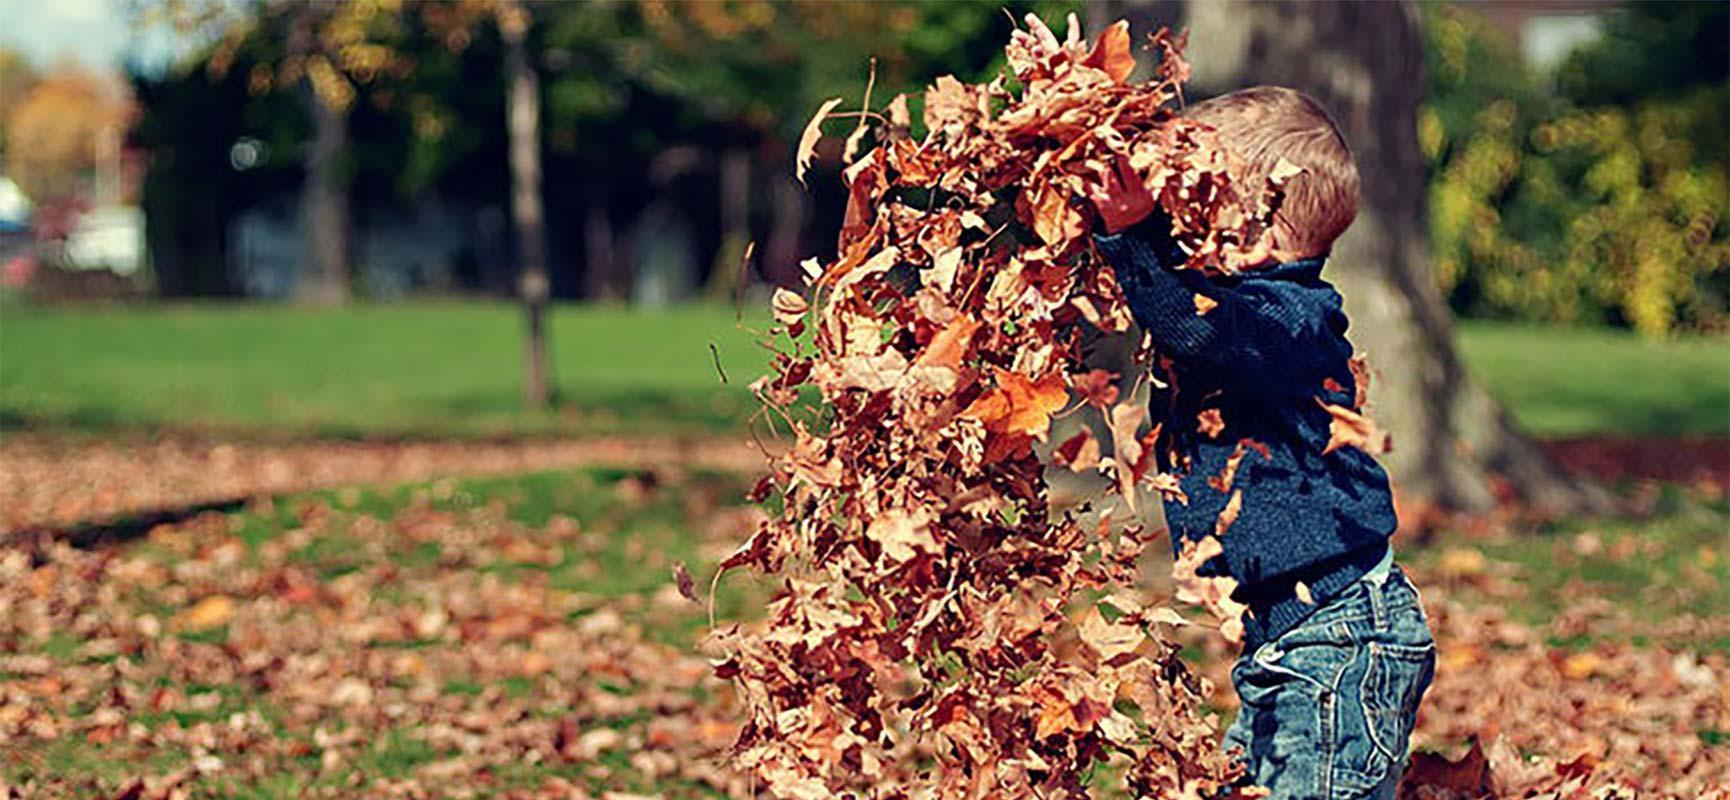 Outdoor activities in autumn